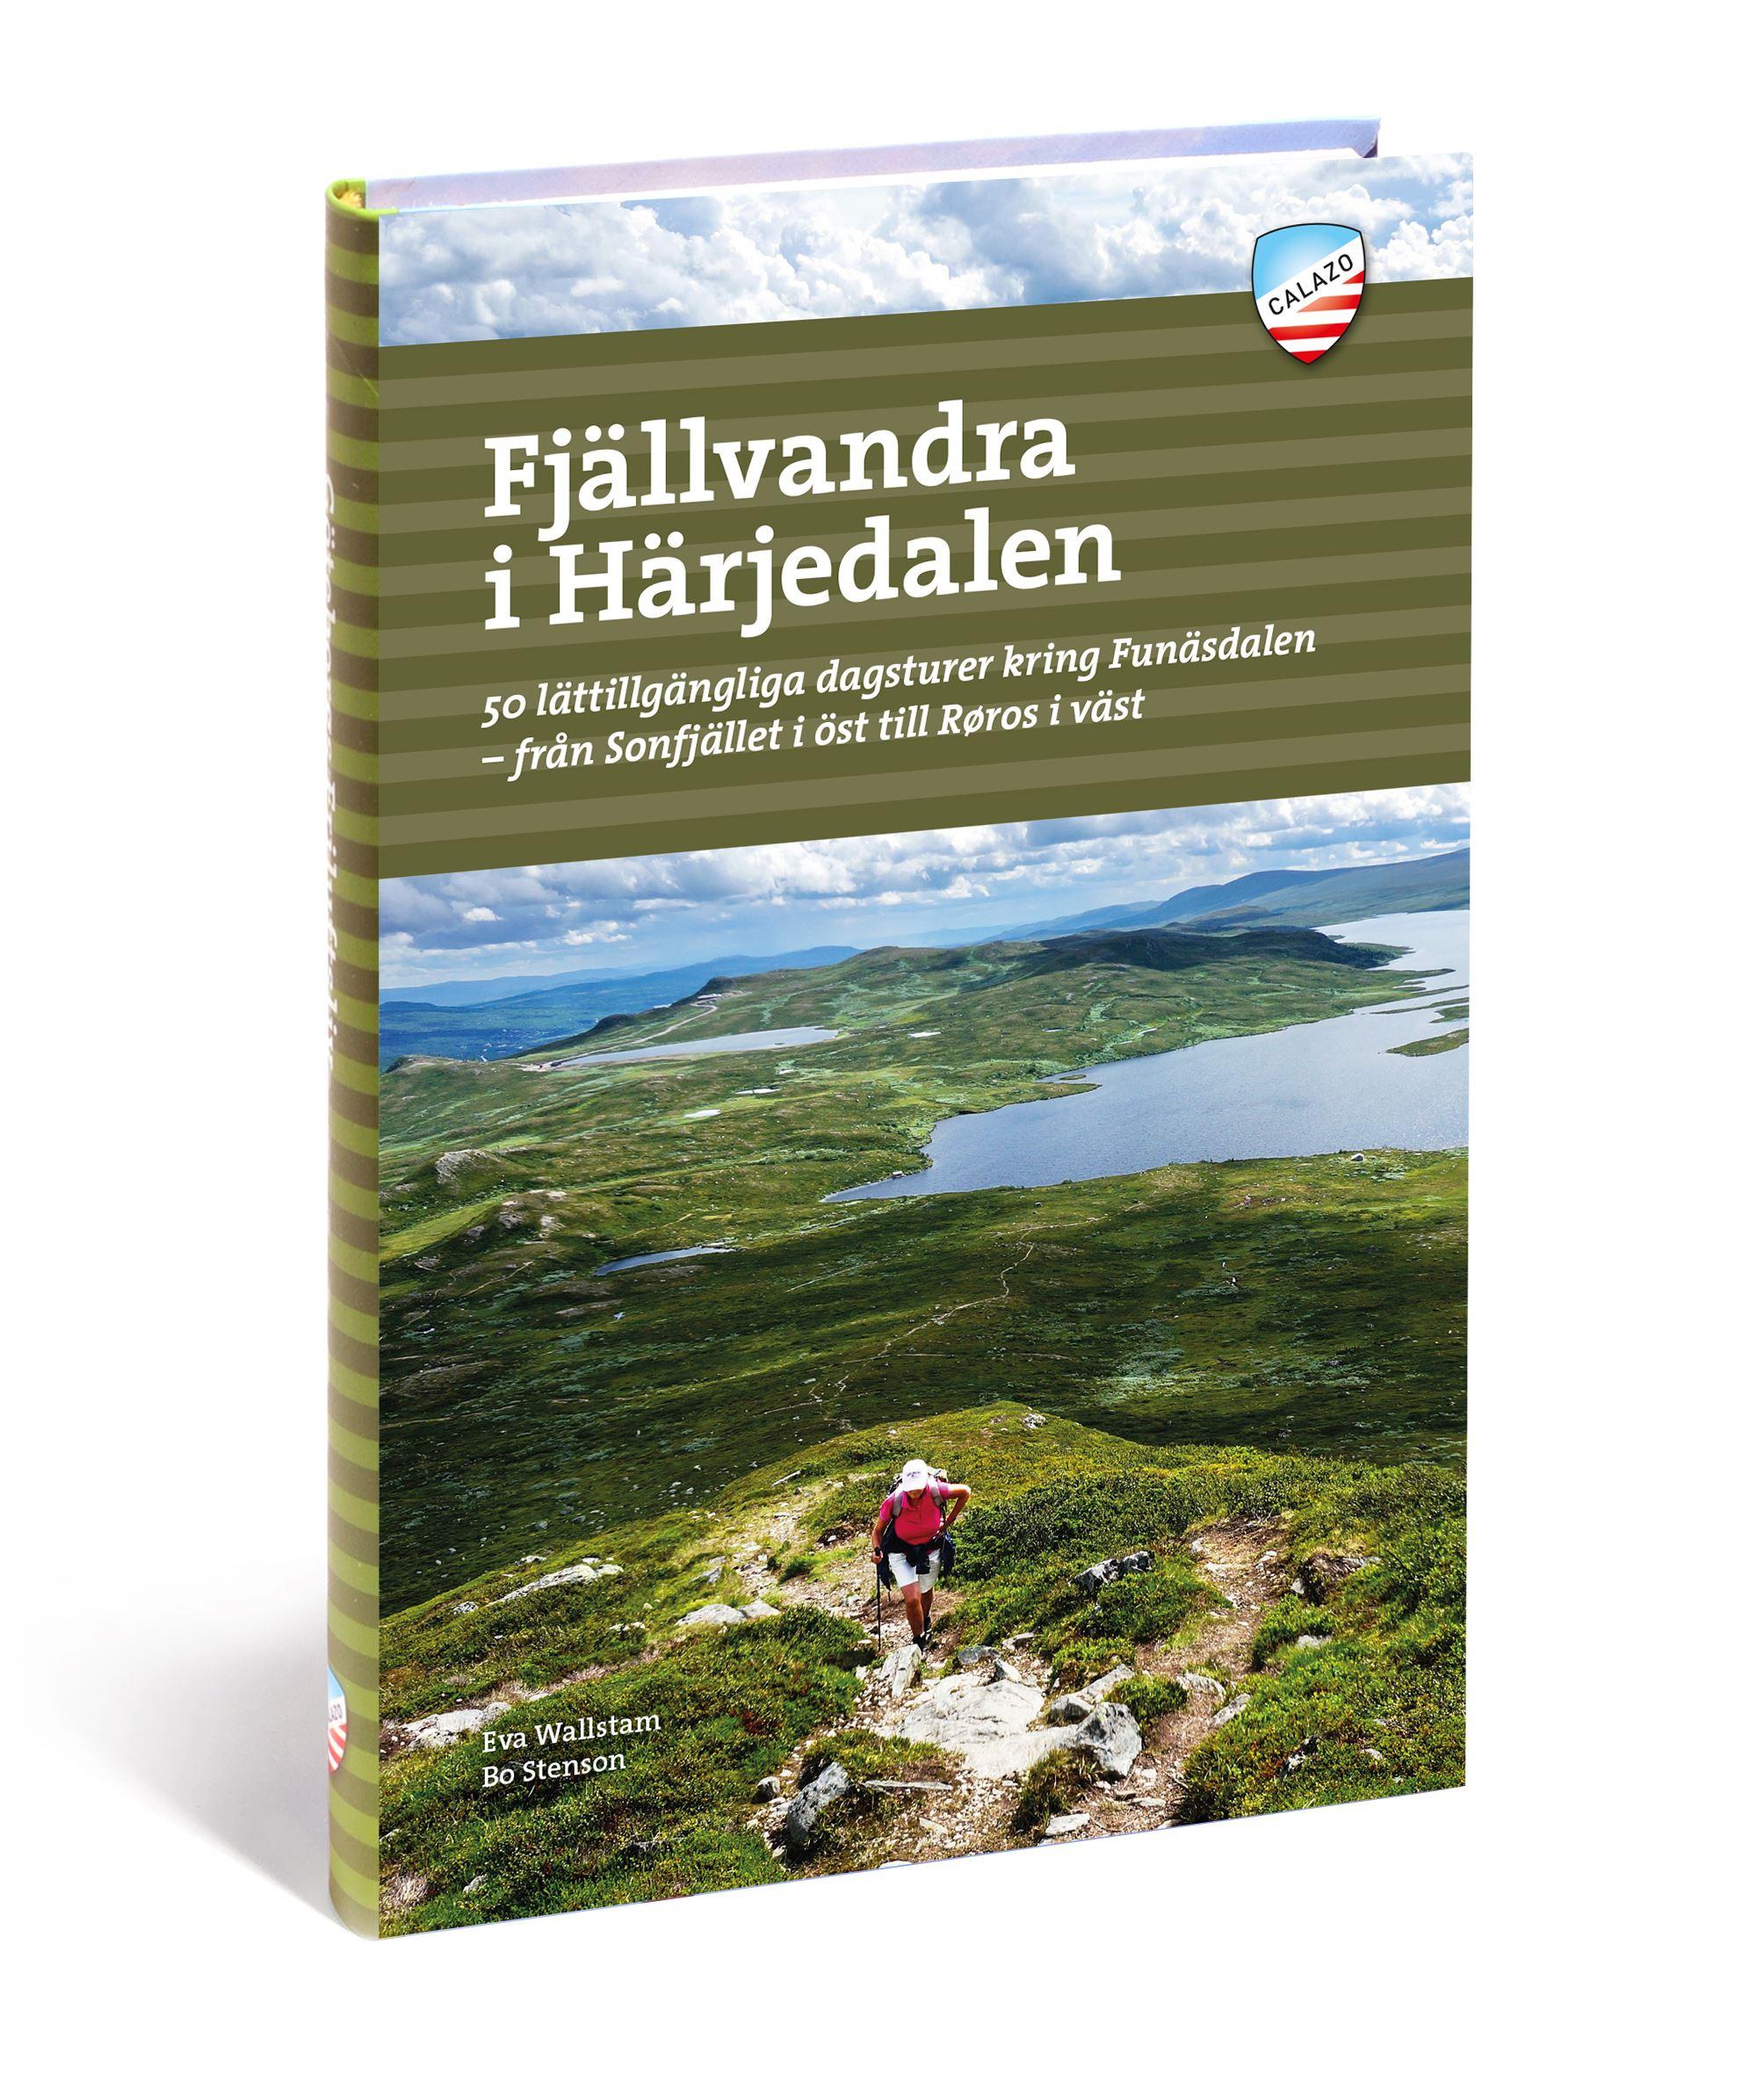 Fjällvandra i Härjedalen (av Wallstam/Stenson)